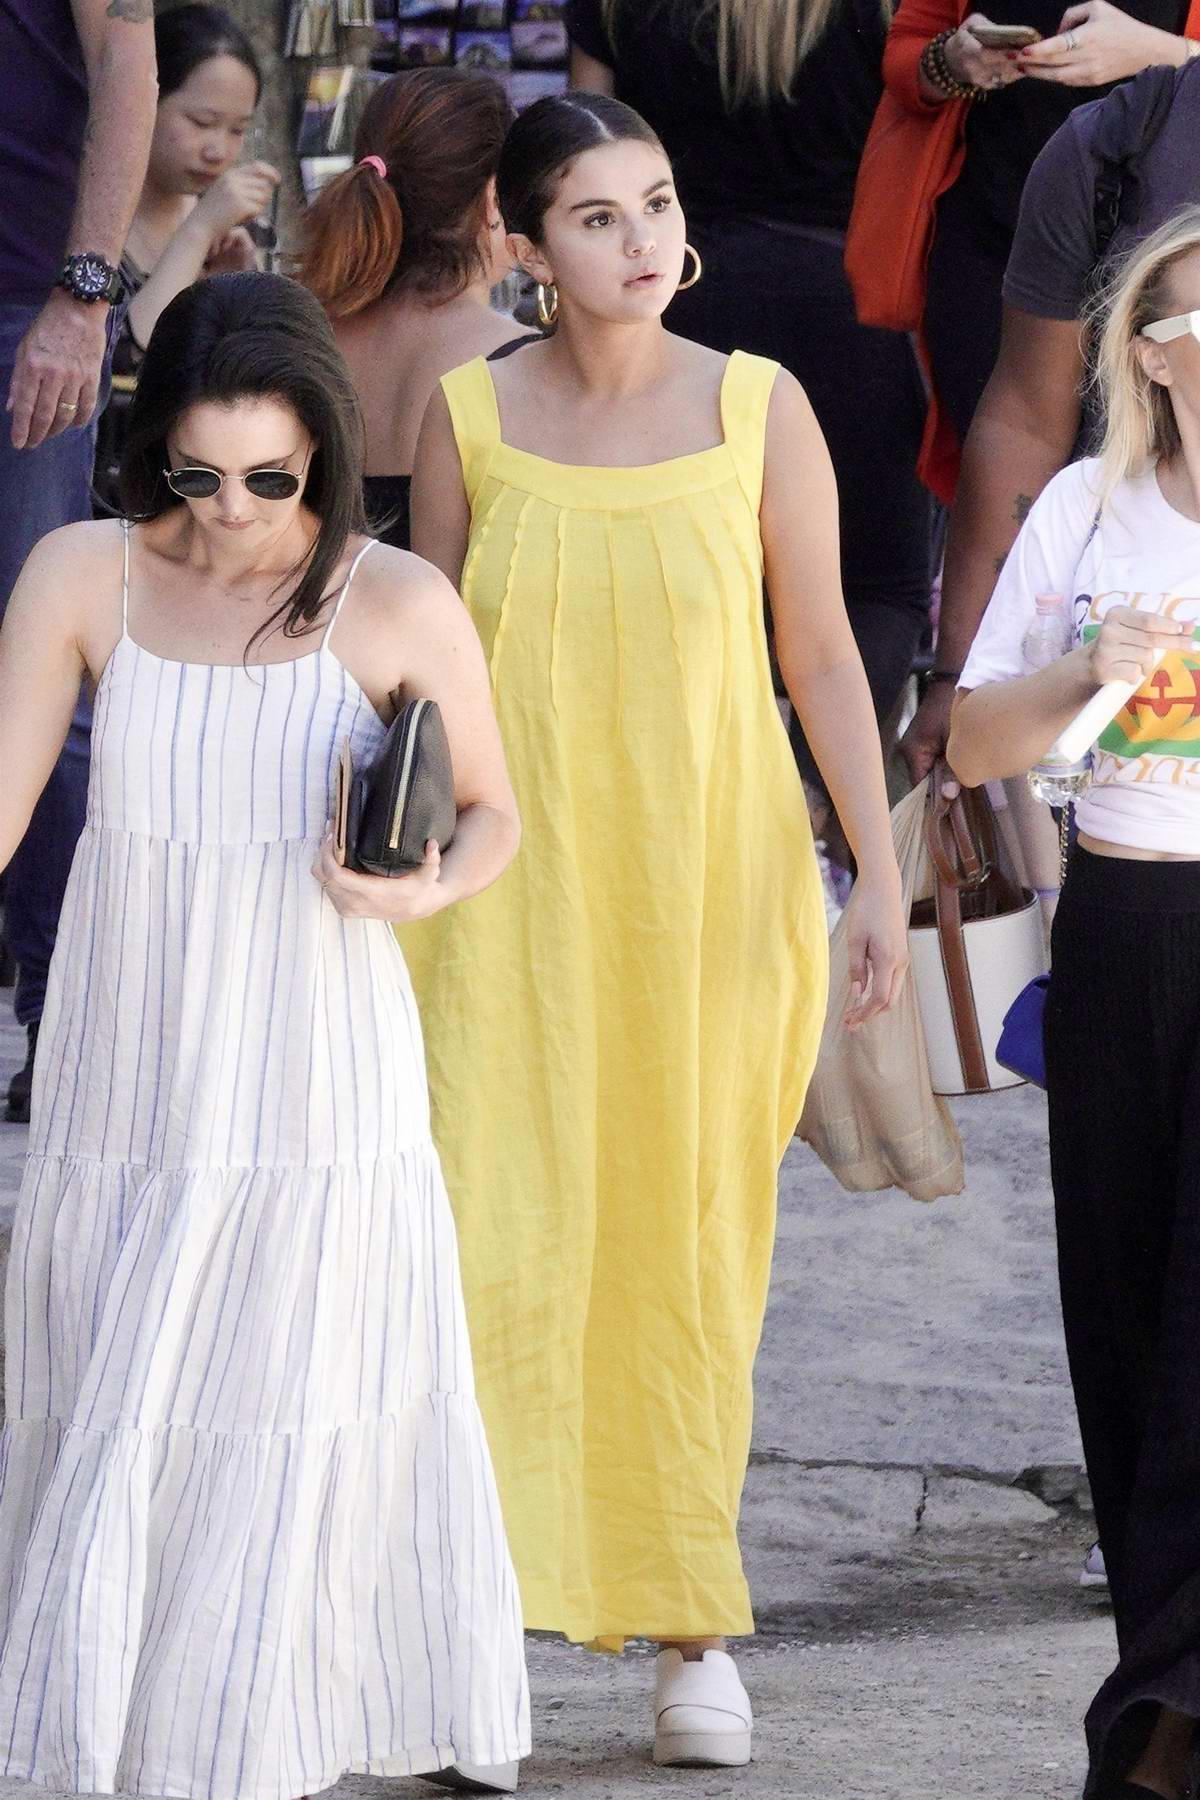 Selena Gomez and her friends visit the Italian village of Civita di Bagnoregio, Italy